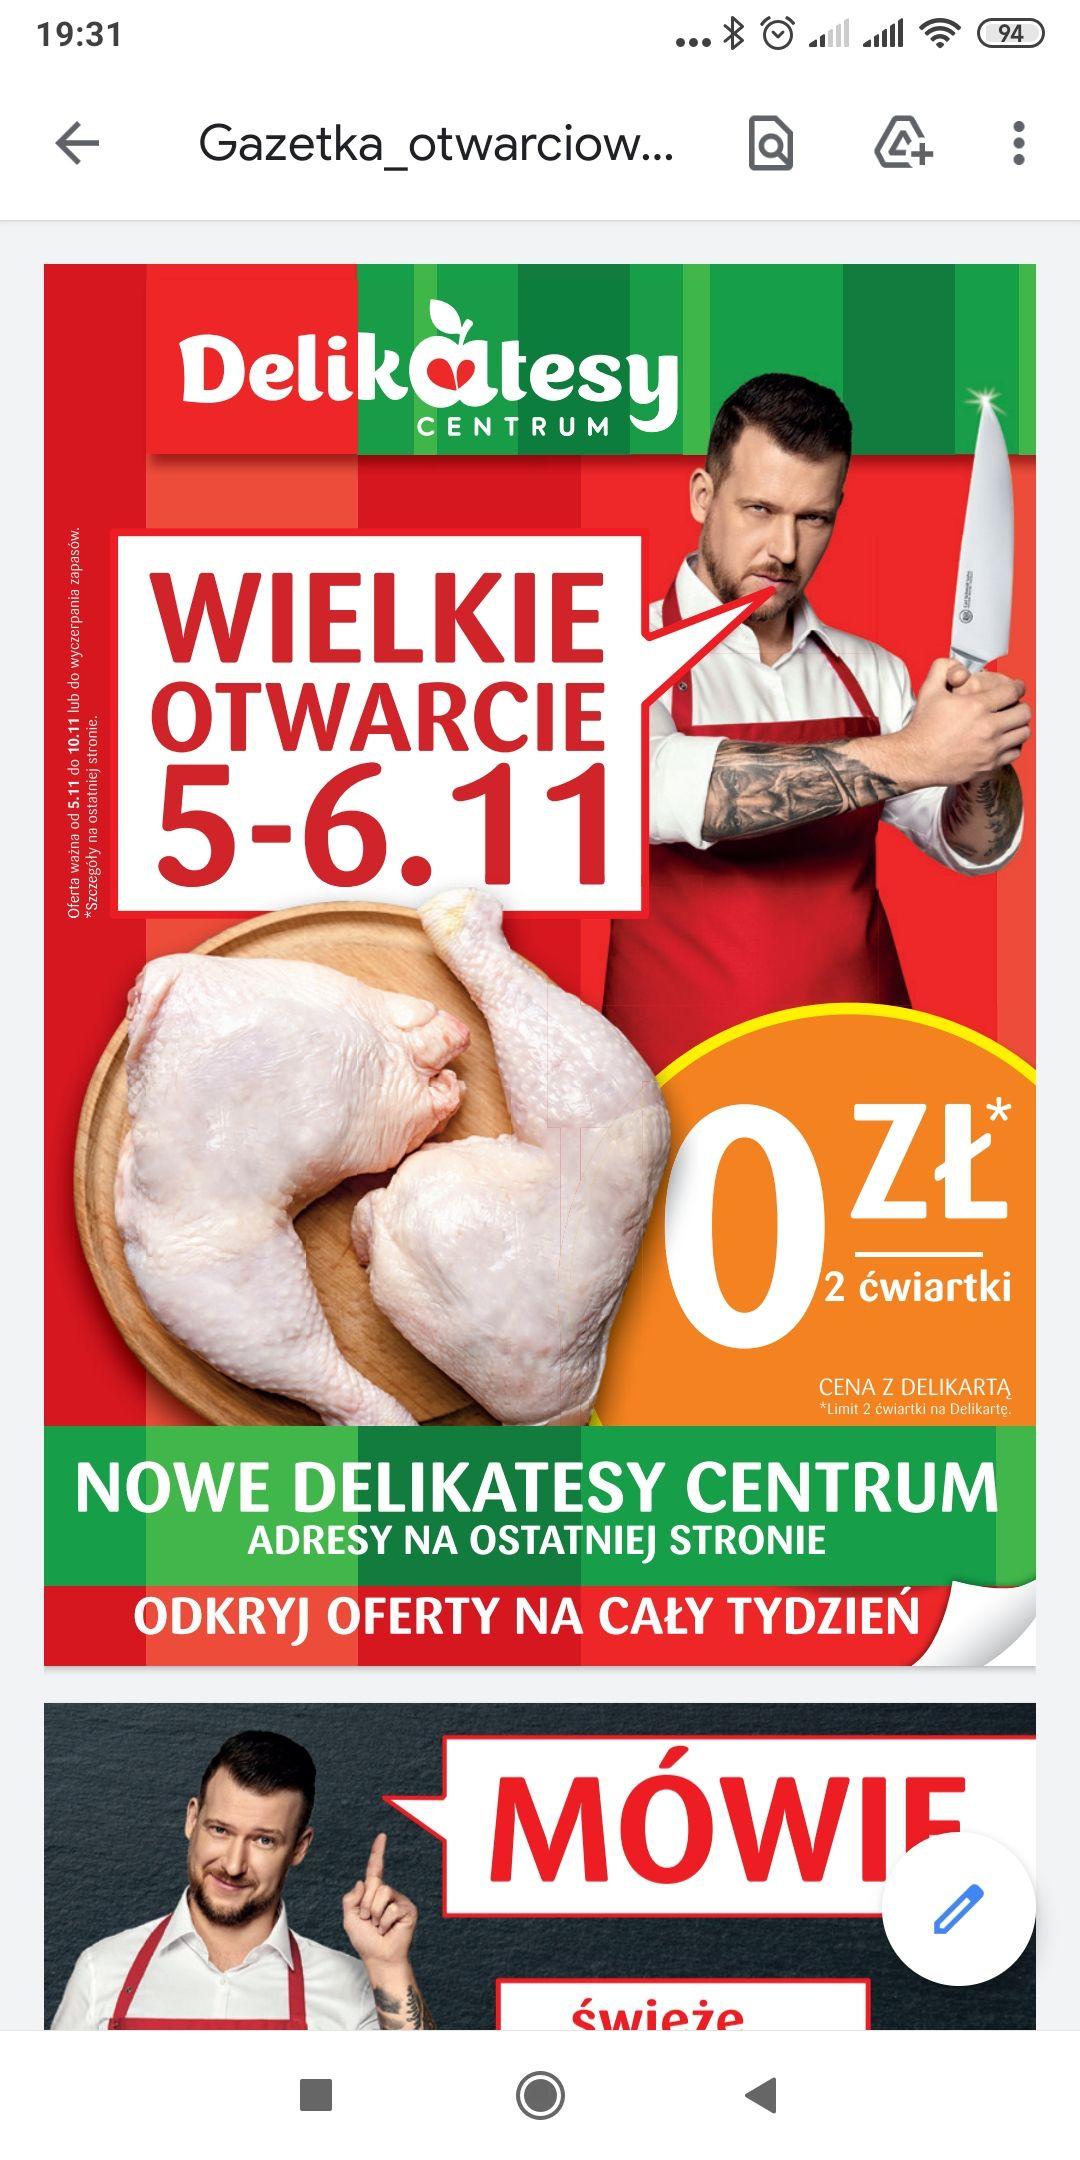 Dwie darmowe ćwiartki z kurczaka - nowo otwarte delikatesy centrum